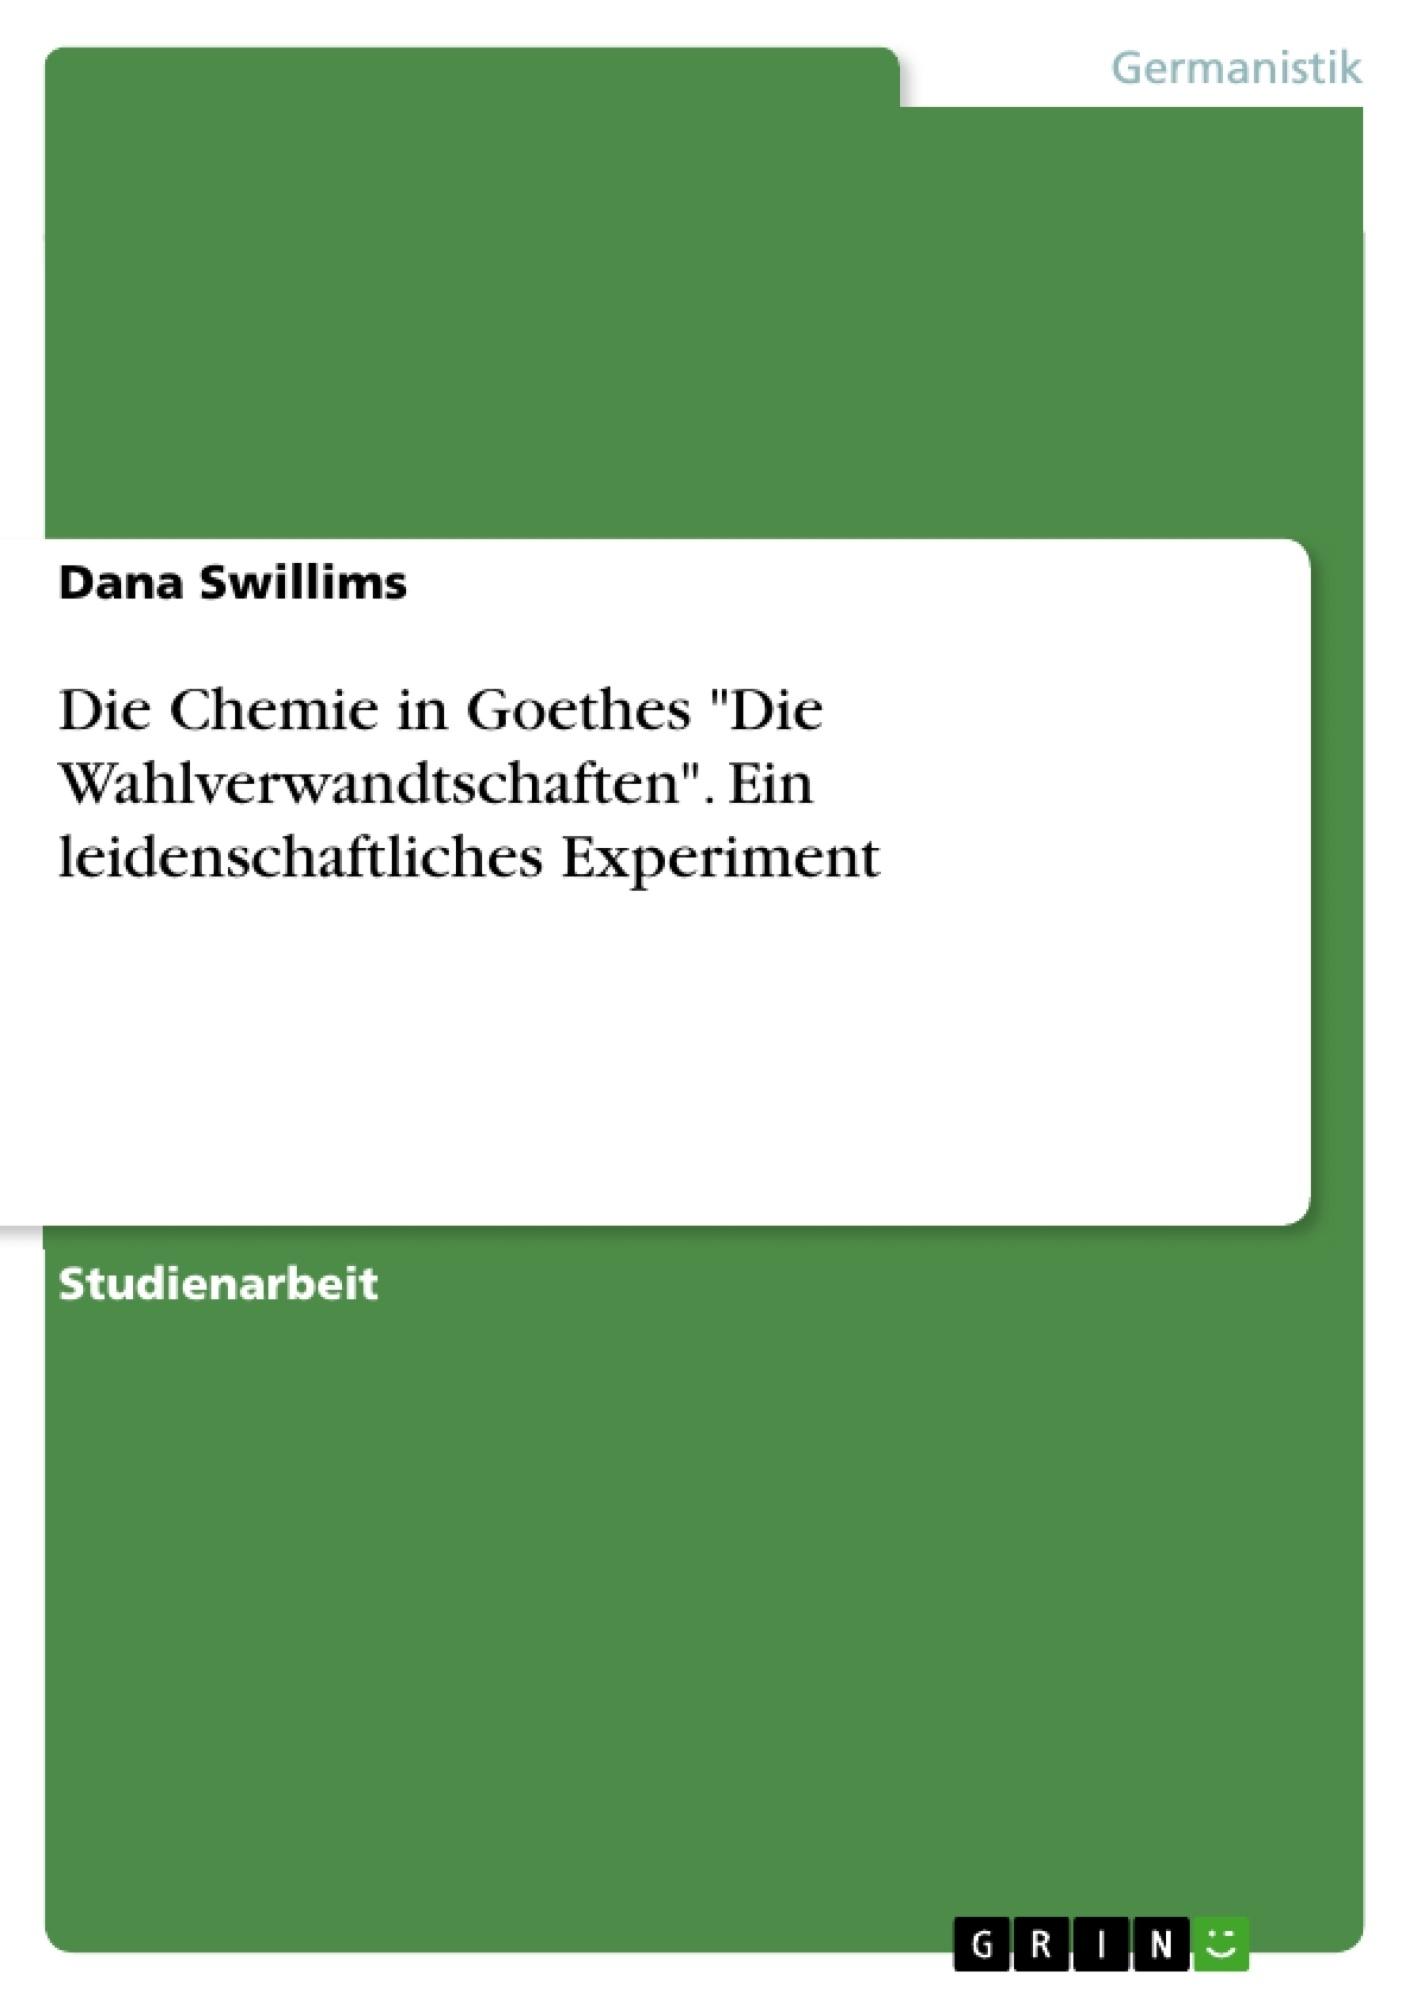 Grin Die Chemie In Goethes Die Wahlverwandtschaften Ein Leidenschaftliches Experiment